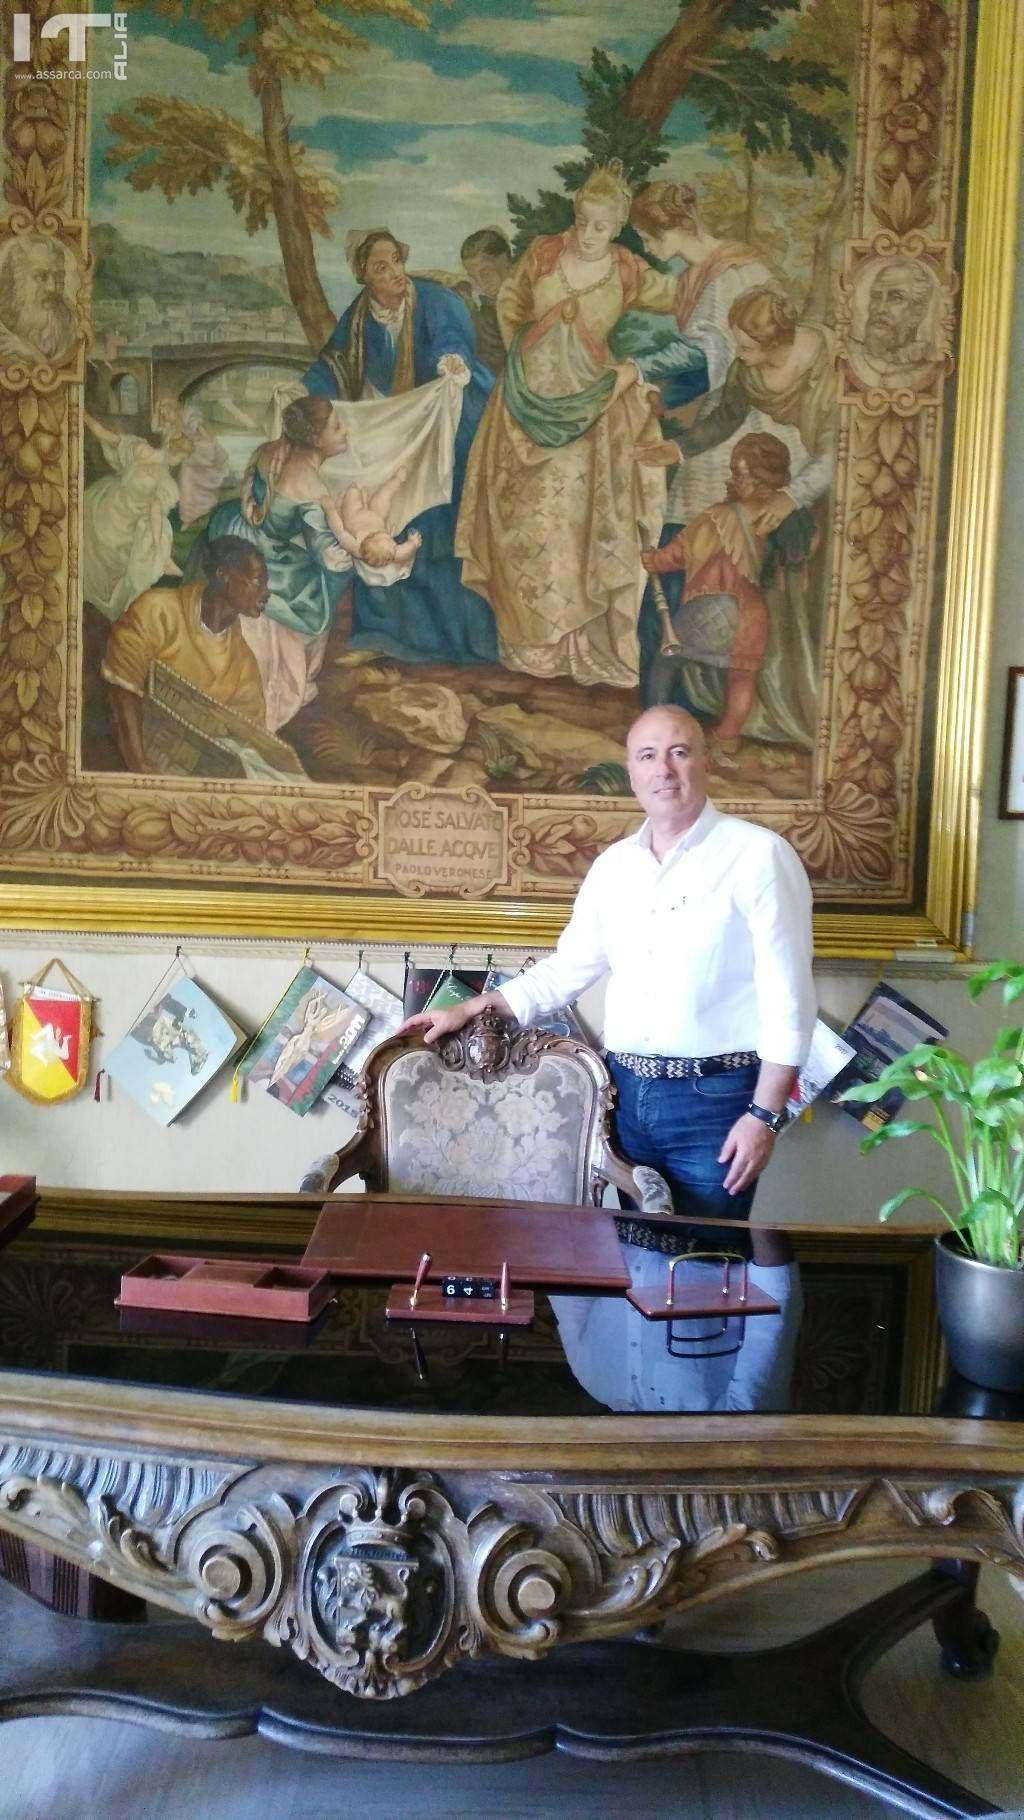 62  Archiphoto Francesco Teriaca - Nei luoghi fantastici di Montalbano - Questura di Montelusa